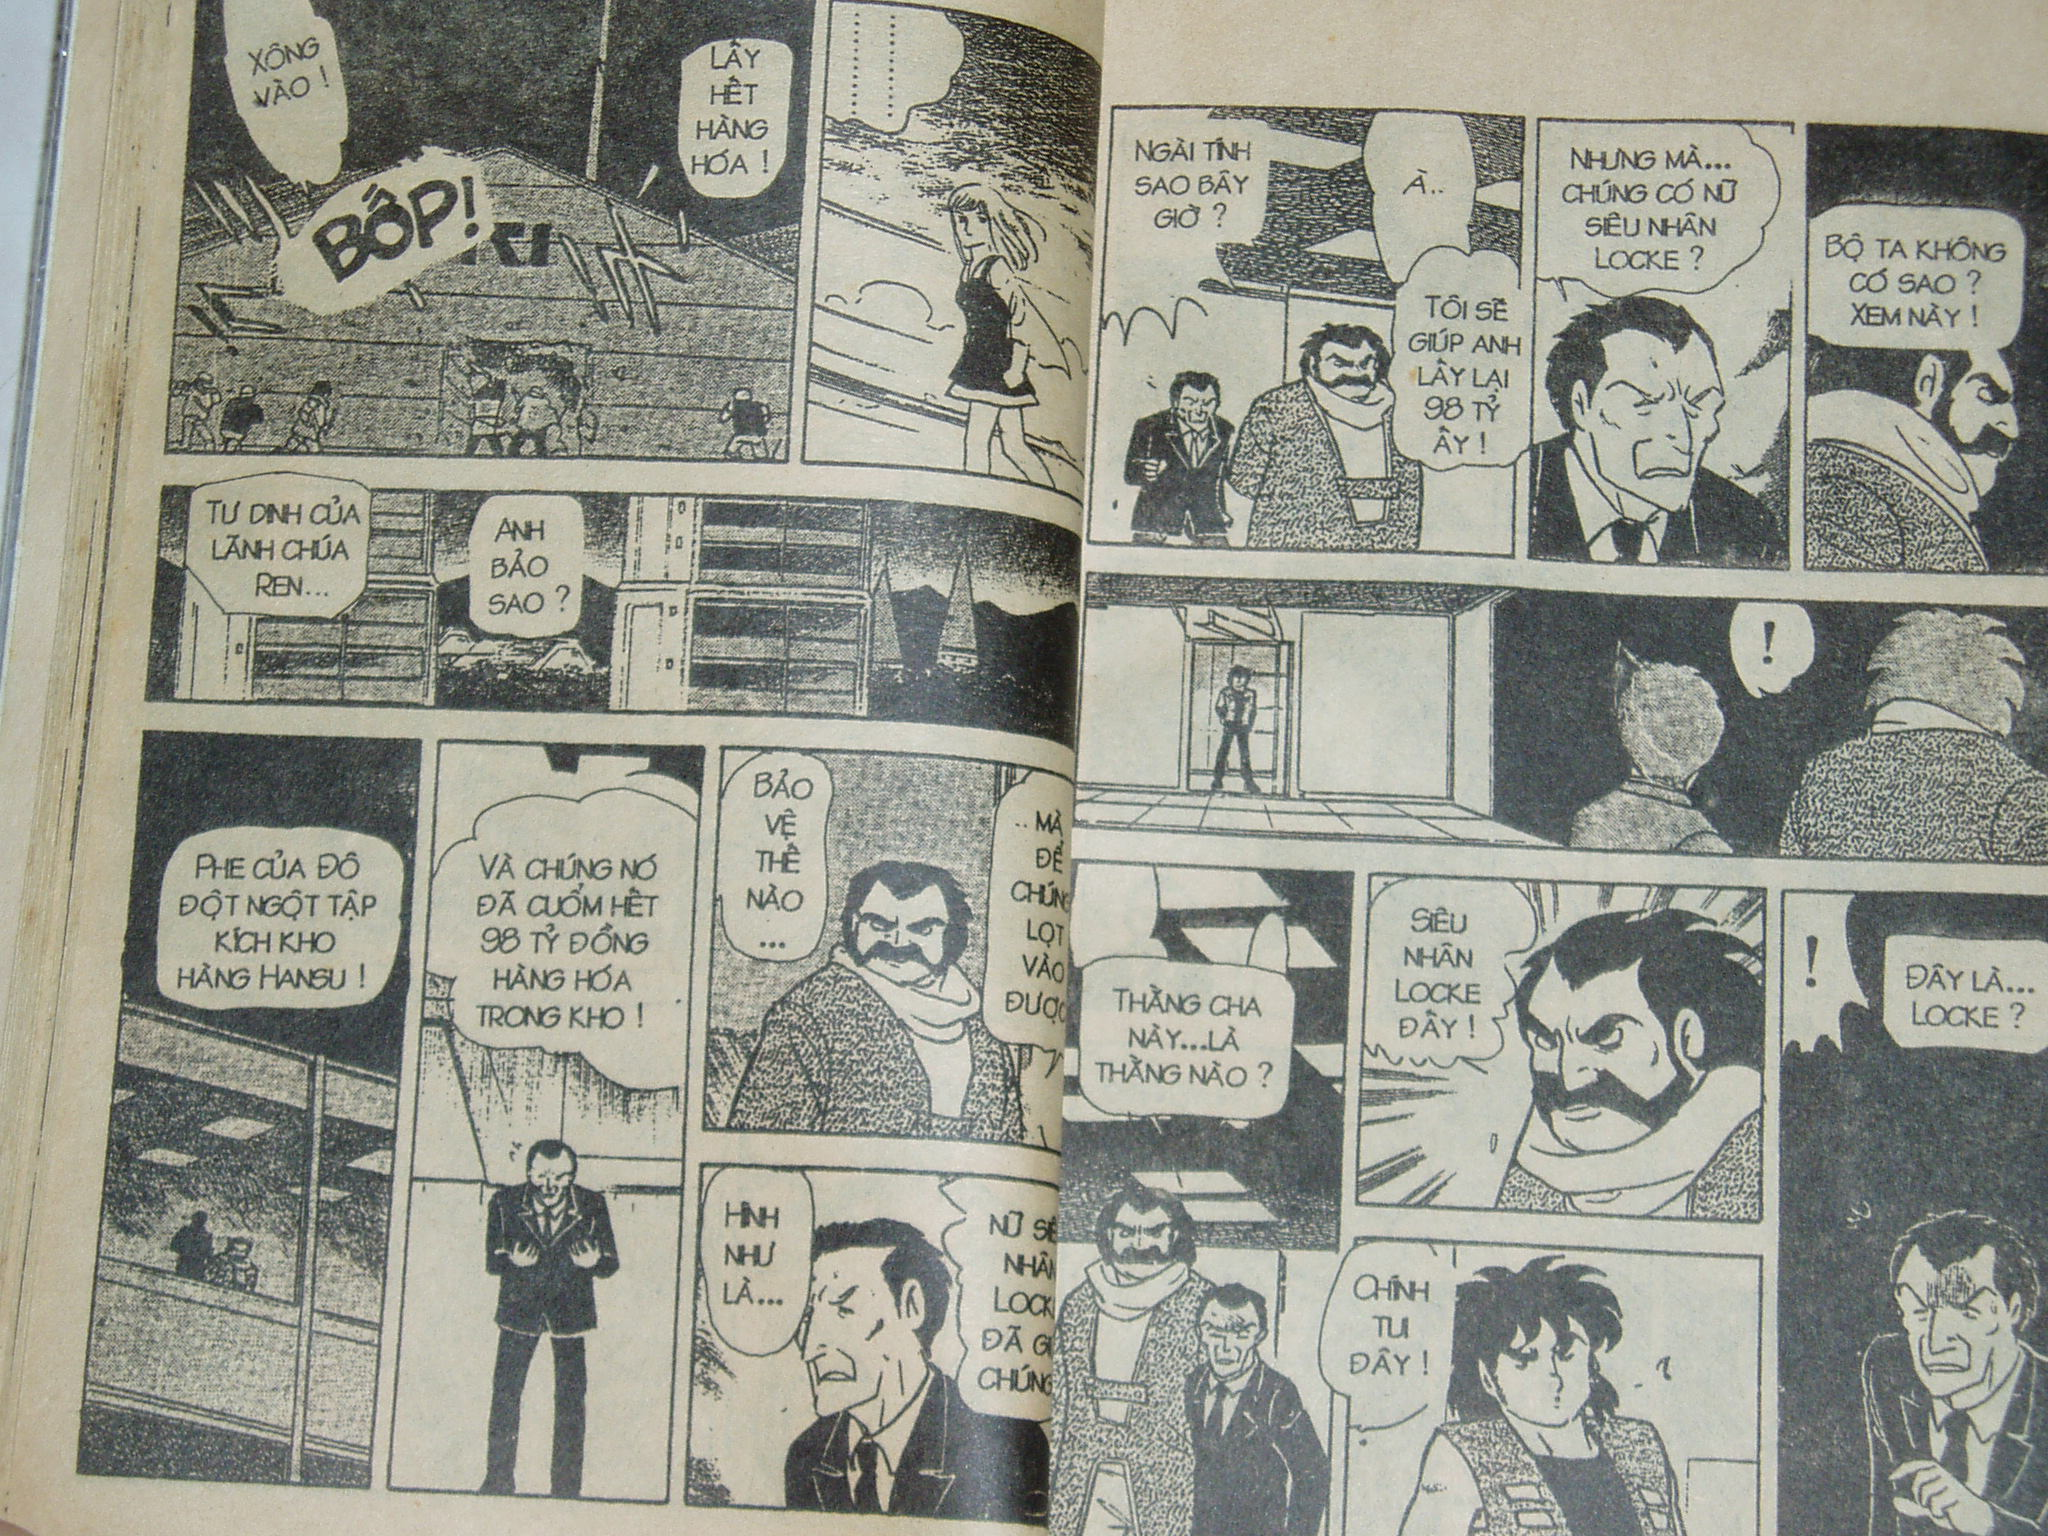 Siêu nhân Locke vol 18 trang 19